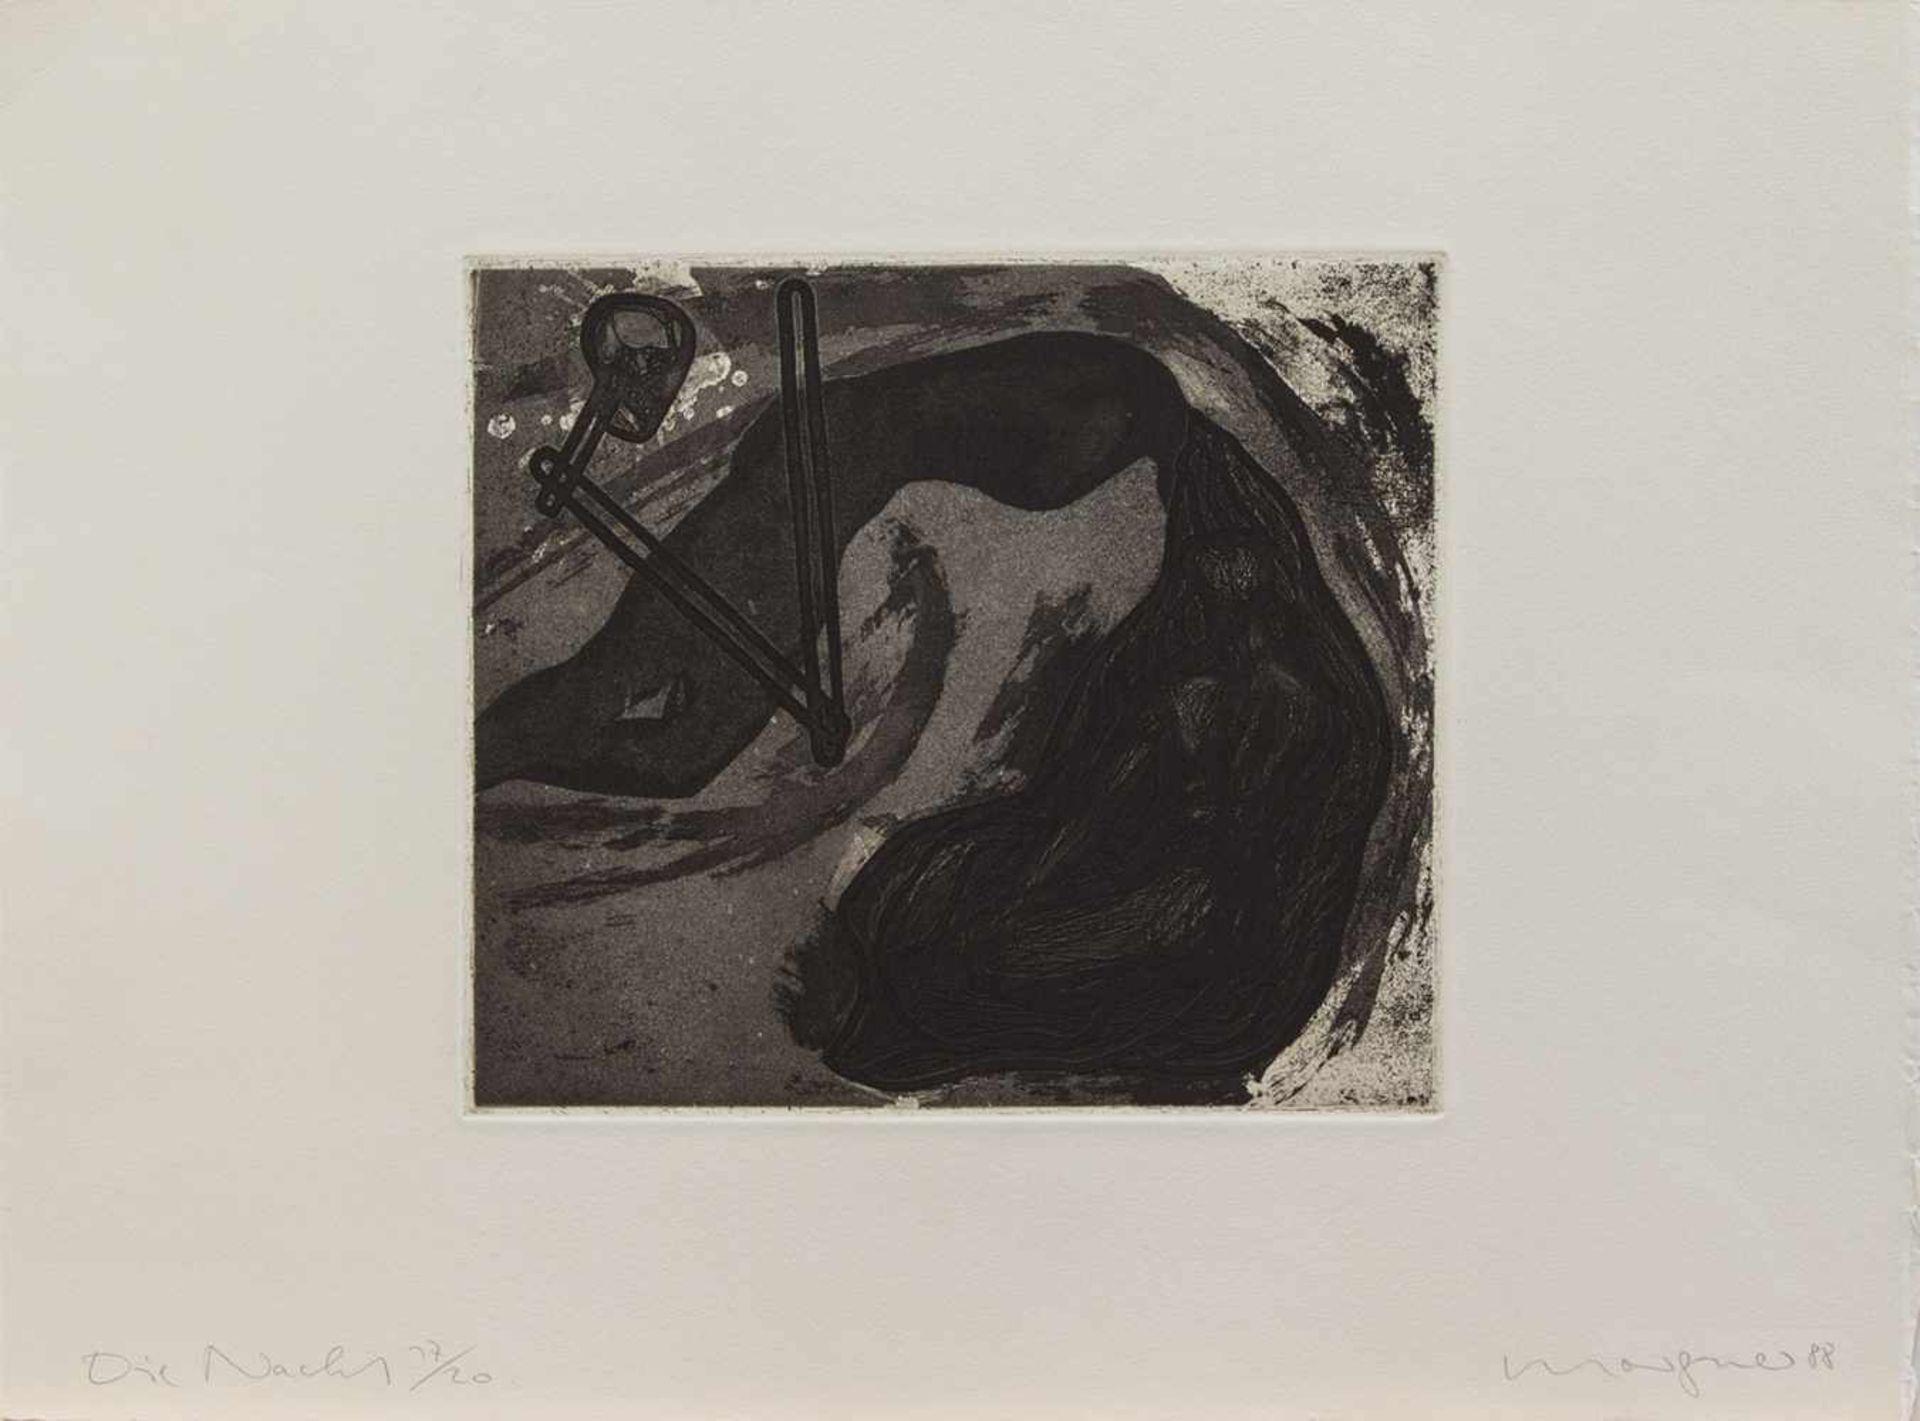 Michael Morgner(Chemnitz 1942 -,deutscher Künstler, Std. a.d. HS f. Grafik u. Buchkunst Leipzig,